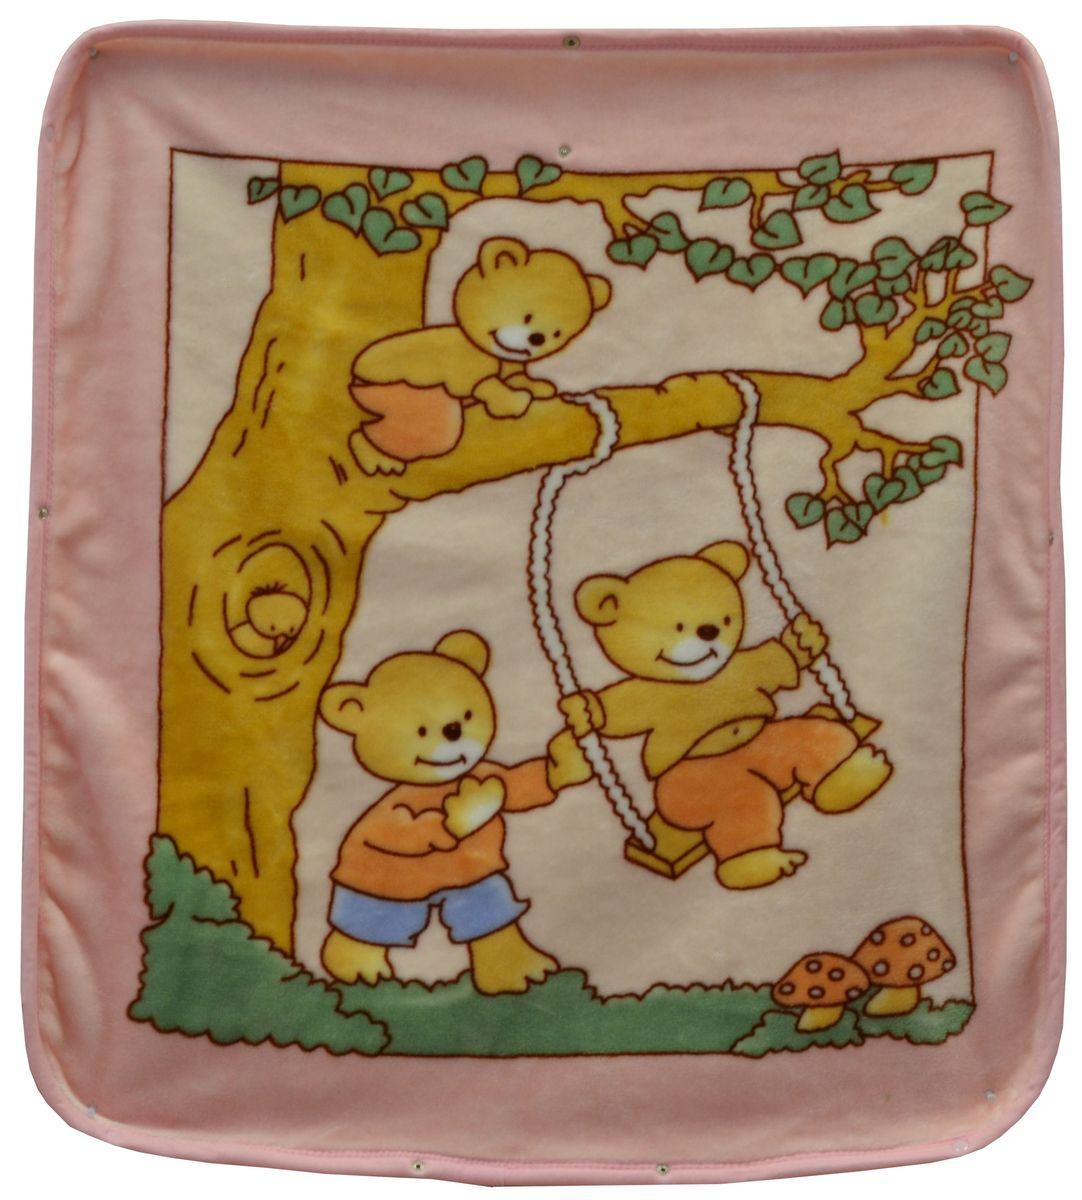 Bonne Fee Плед-накидка для младенцев на молнии 3, 80 х 90 см, цвет: розовый521810Плед-накидка для младенцев на молнии Bonne Fee - защита, тепло и комфорт для малышей - использован надёжный, качественный и мягкий материал! Удобство и спокойствие для родителей обеспечивается универсальностью пледа-накидки, конструкция которого позволяет ему легко превращаться в конвертик. Отличное качество и практичность! Любите своего ребёнка и дарите ему лучшее!